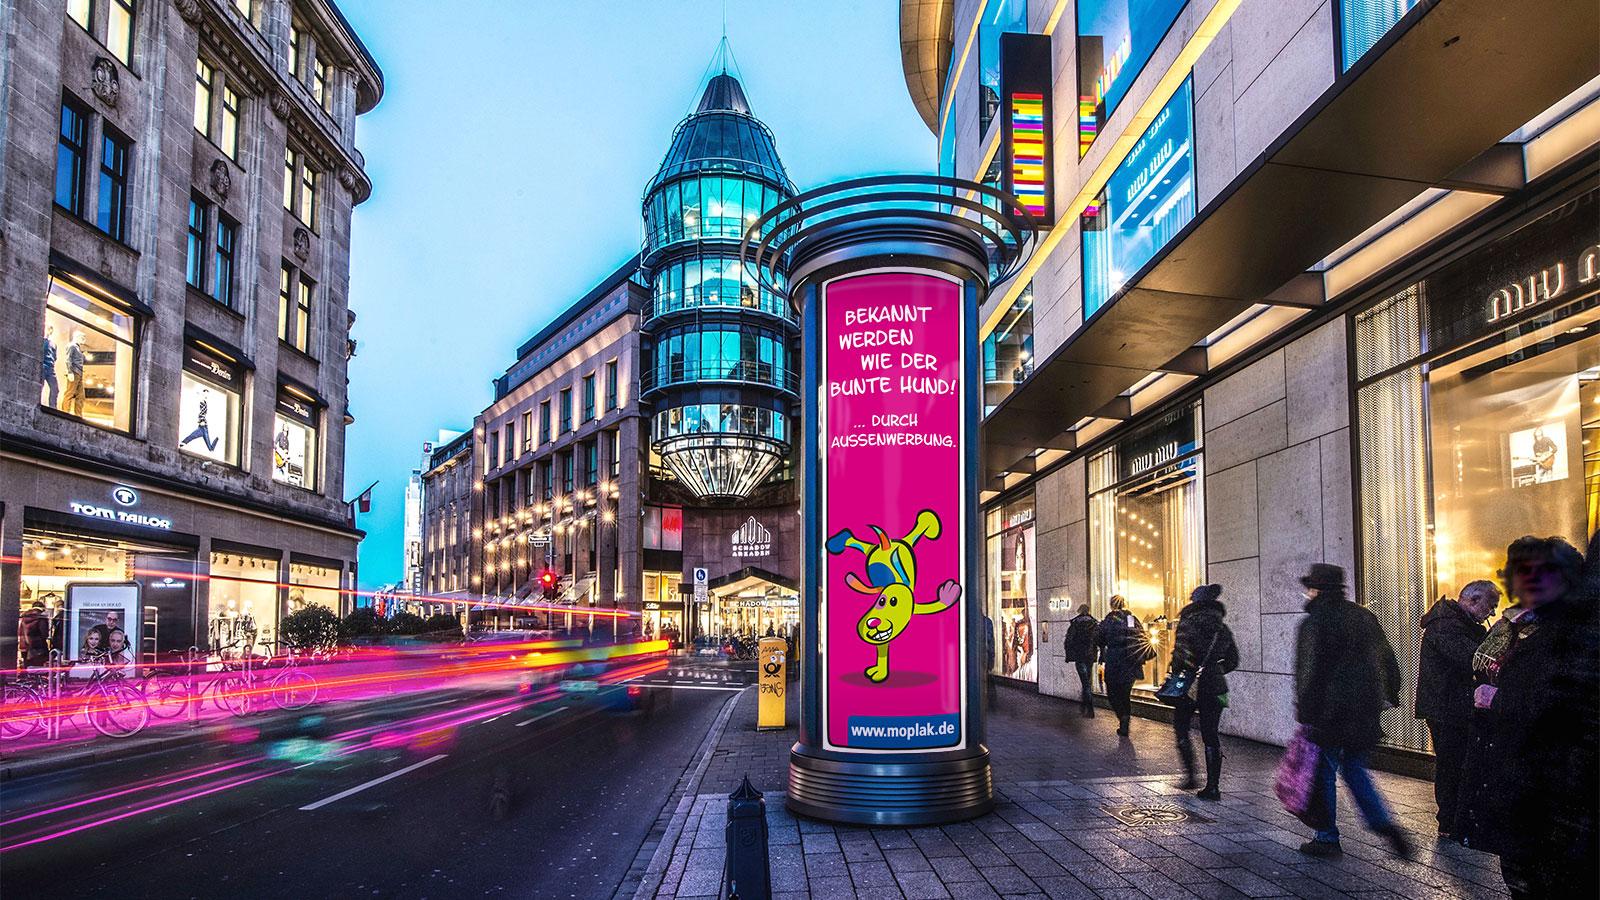 Hamm-Aussenwerbung-Litfasssaeule-Werbung